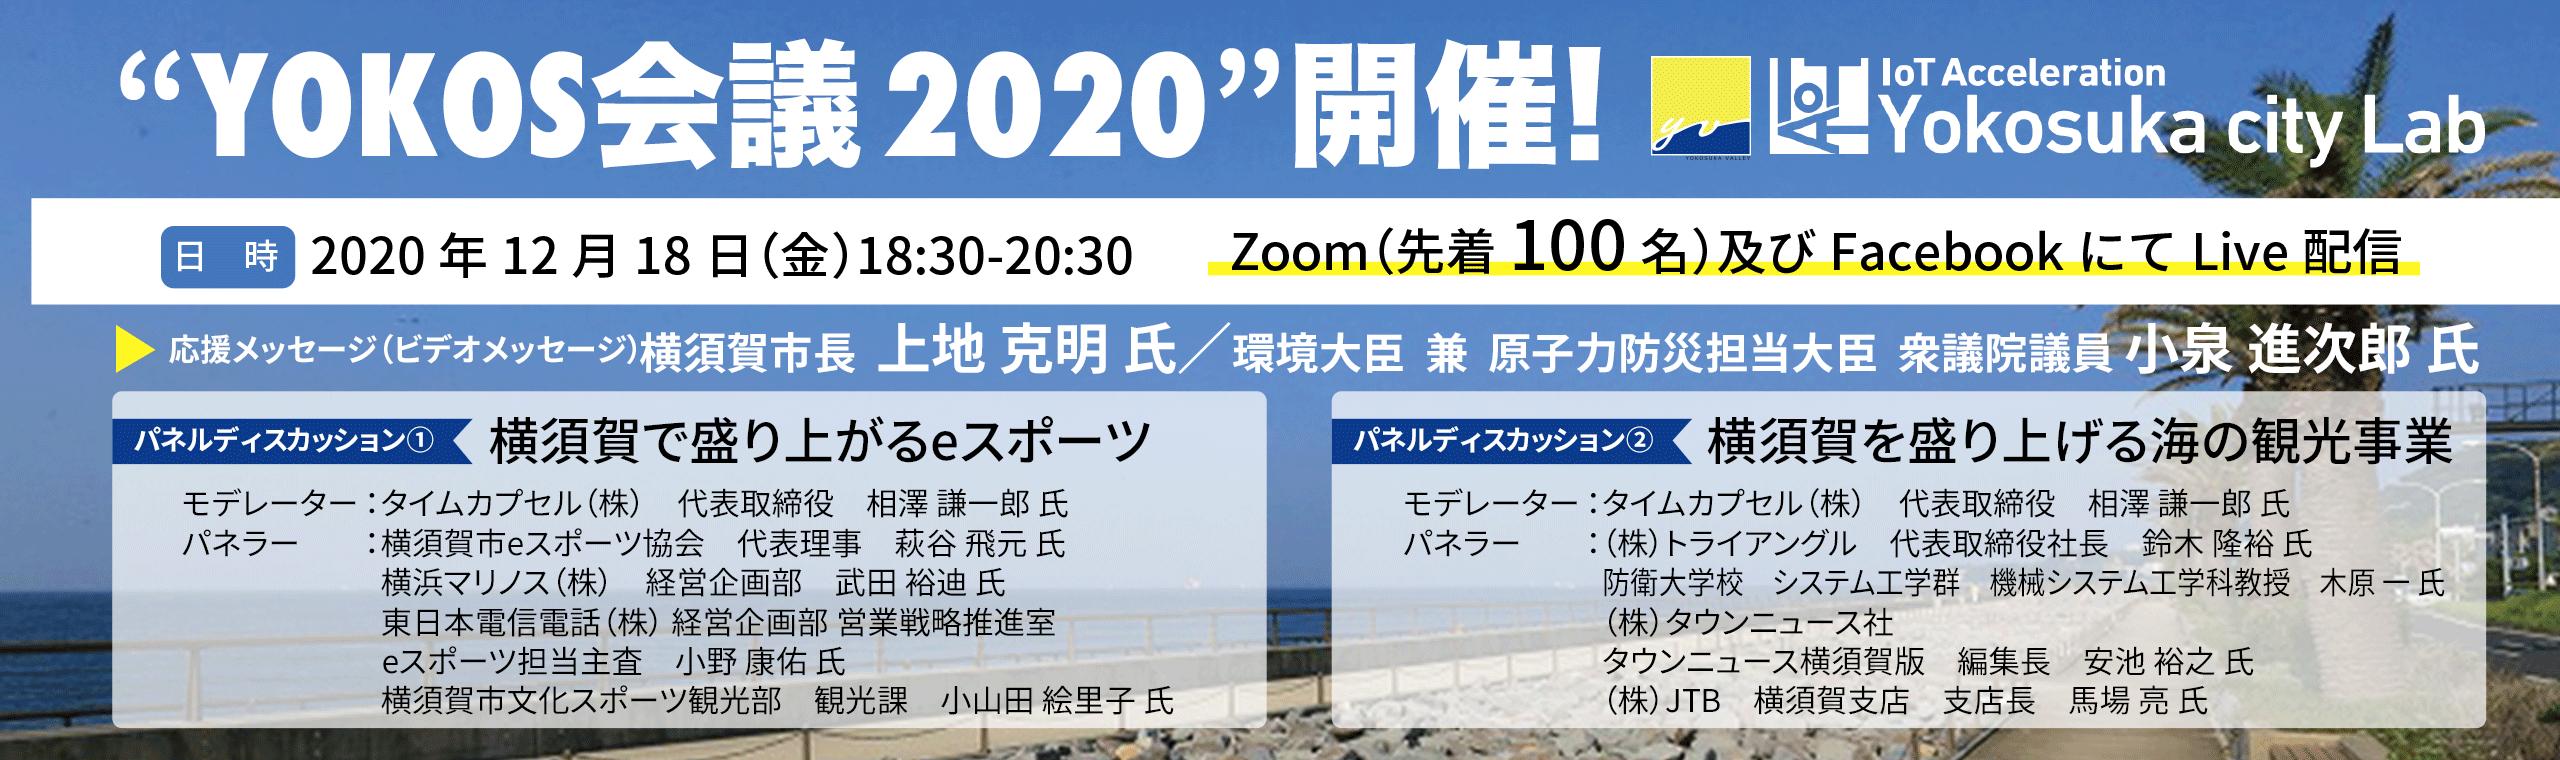 """""""YOKOS会議2020""""開催!〜eスポーツと観光でヨコスカから世界へ〜"""